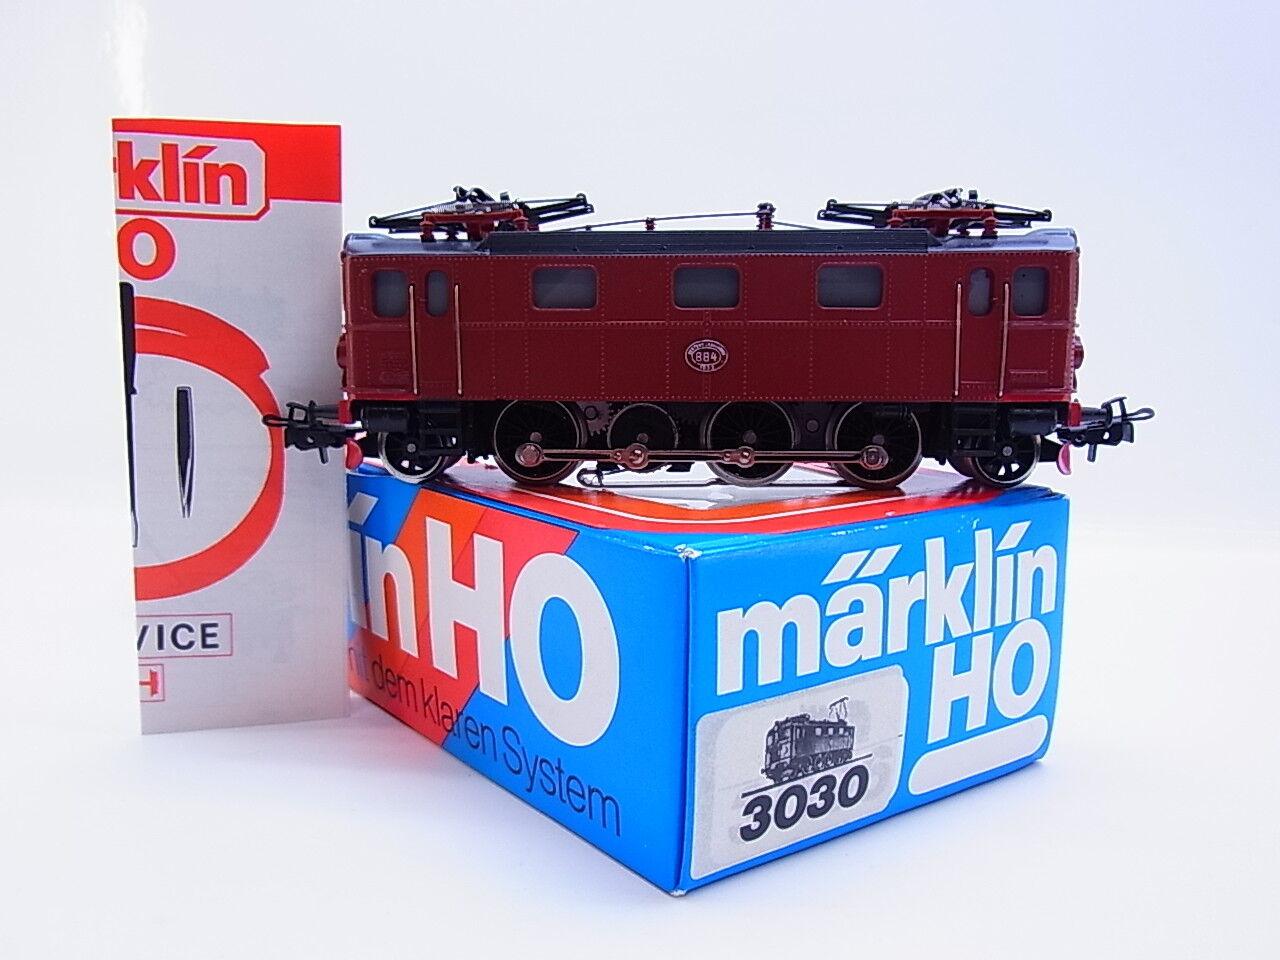 Lot 49211 | bellissima   h0 3030 E-Lok poiché il SJ pronto di guida in scatola originale